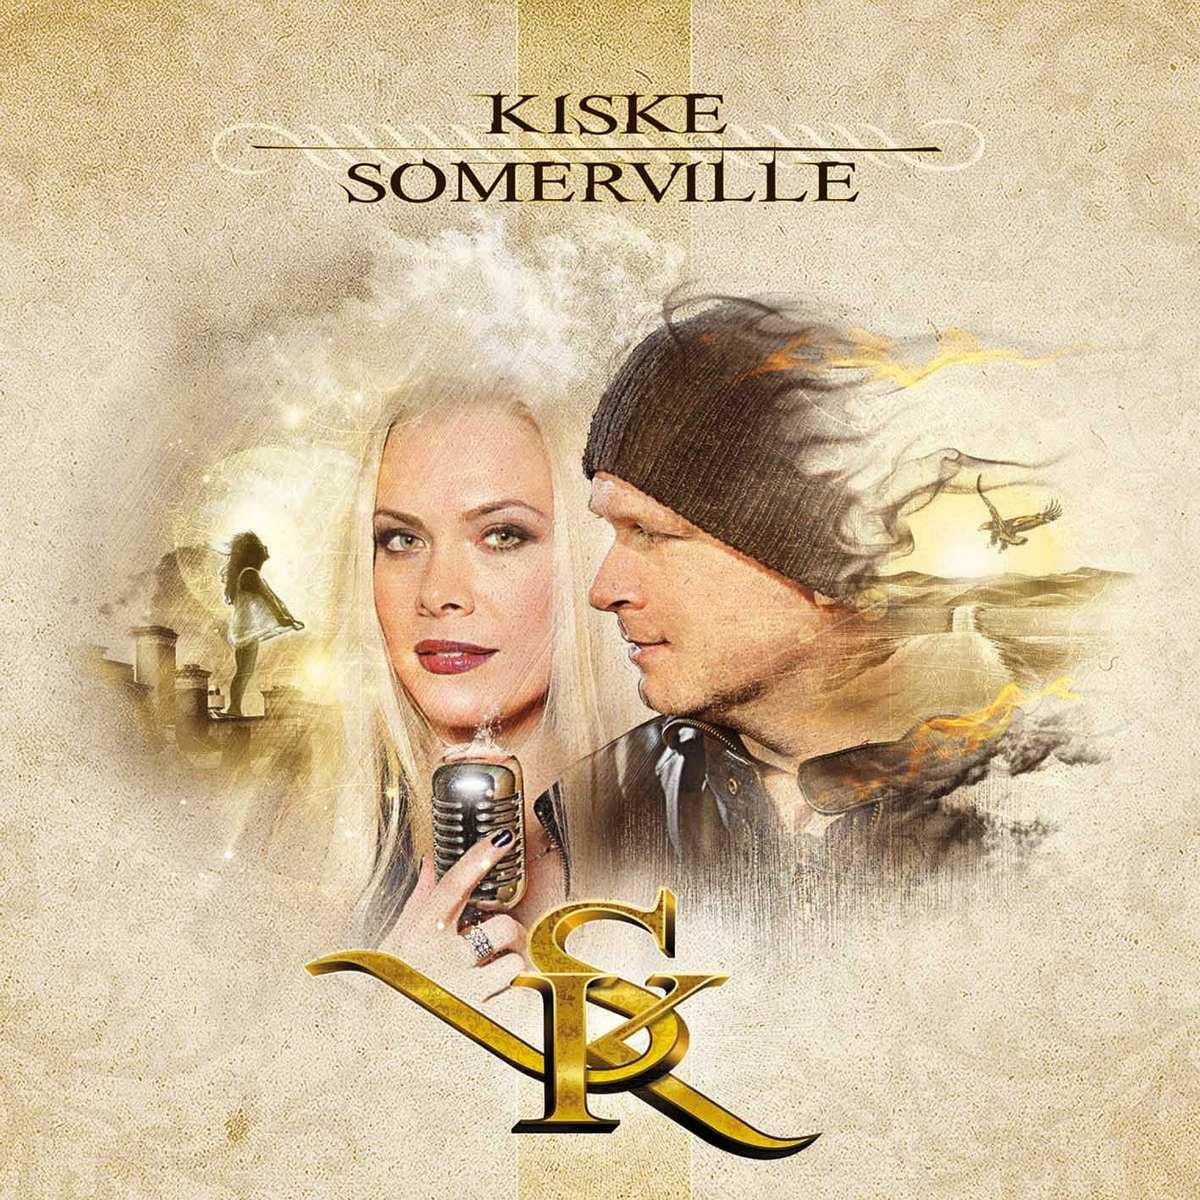 Kiske/Somerville — Kiske/Somerville (2010)